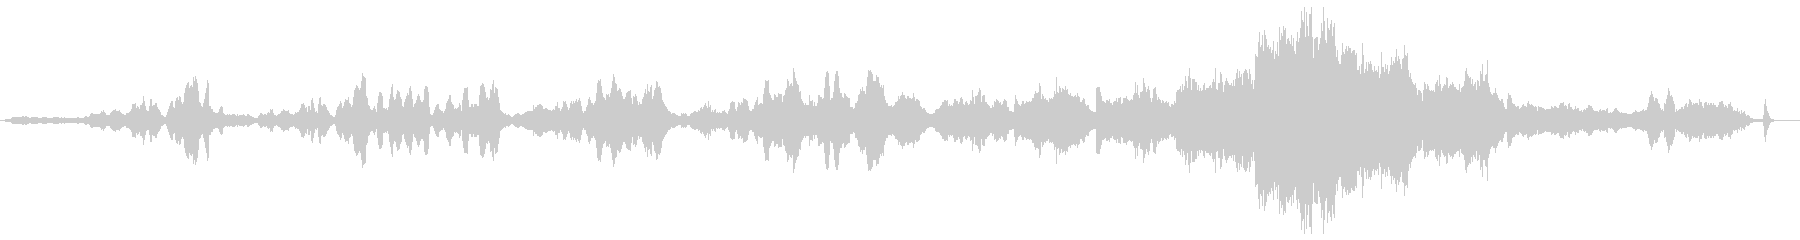 カルメンの間奏曲の未再生の波形